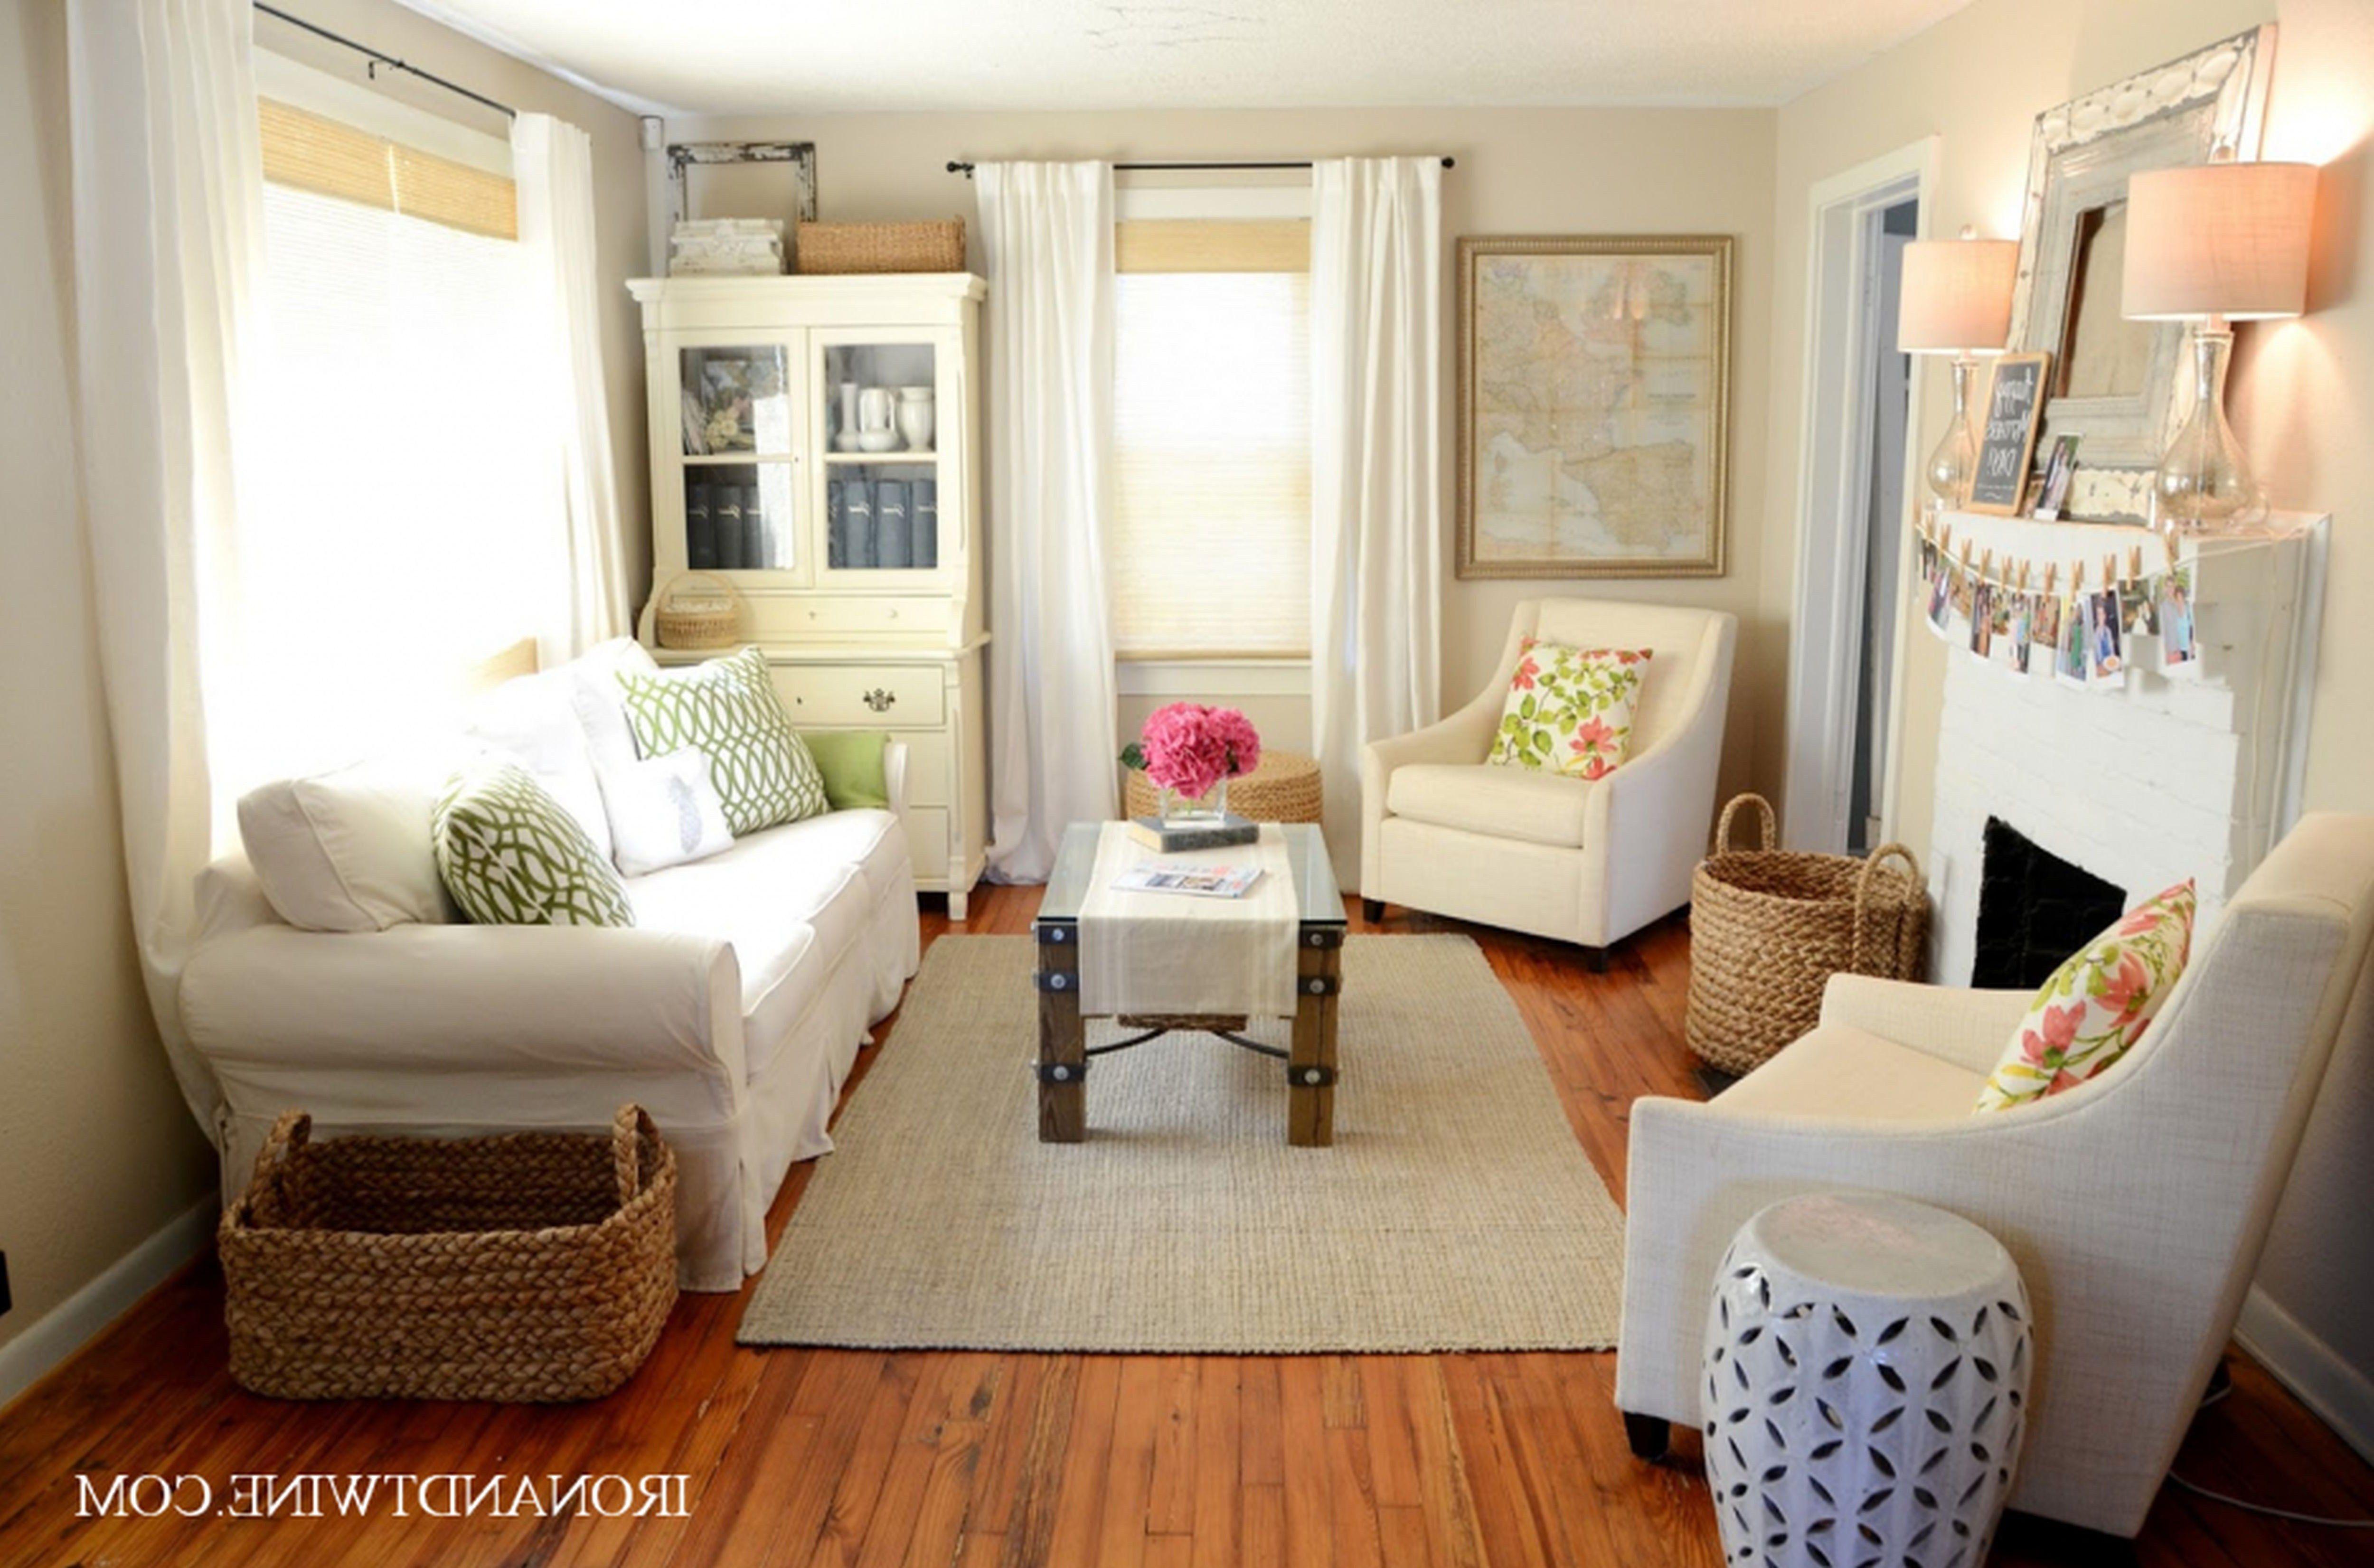 Home Design Ideas Interior . Inspirational Home Design Ideas ...